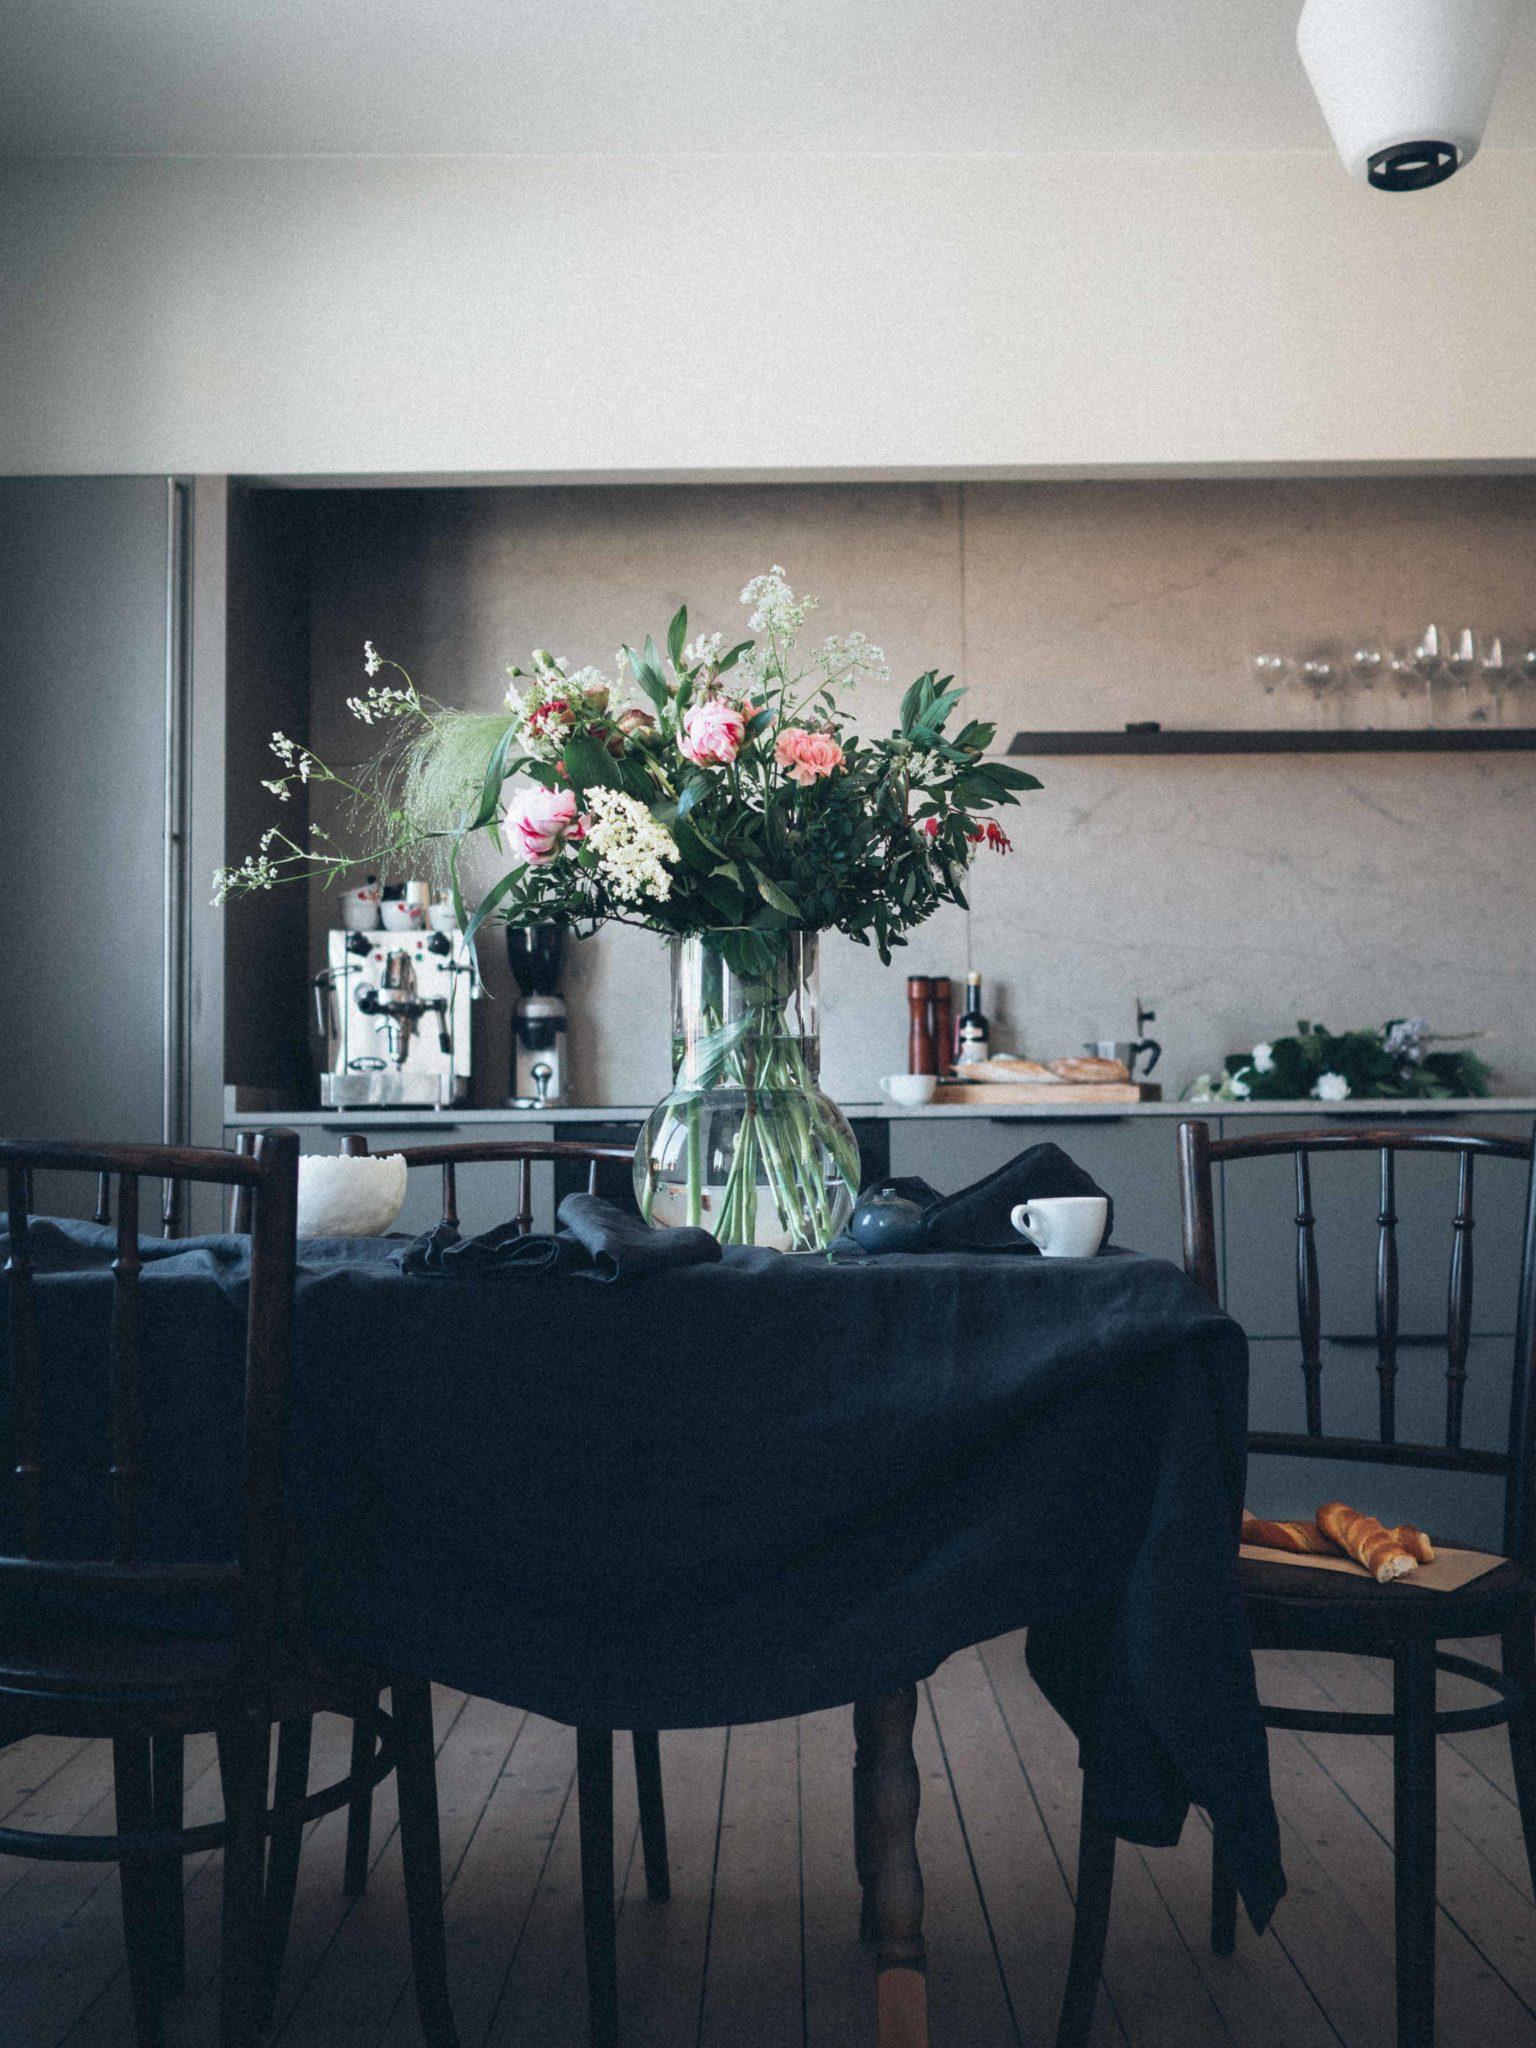 12 öppnade Ellos Homes nya butik på Korsgatan 13. Det vill säga mitt i stan  i centrala Göteborg 6ce1673467516